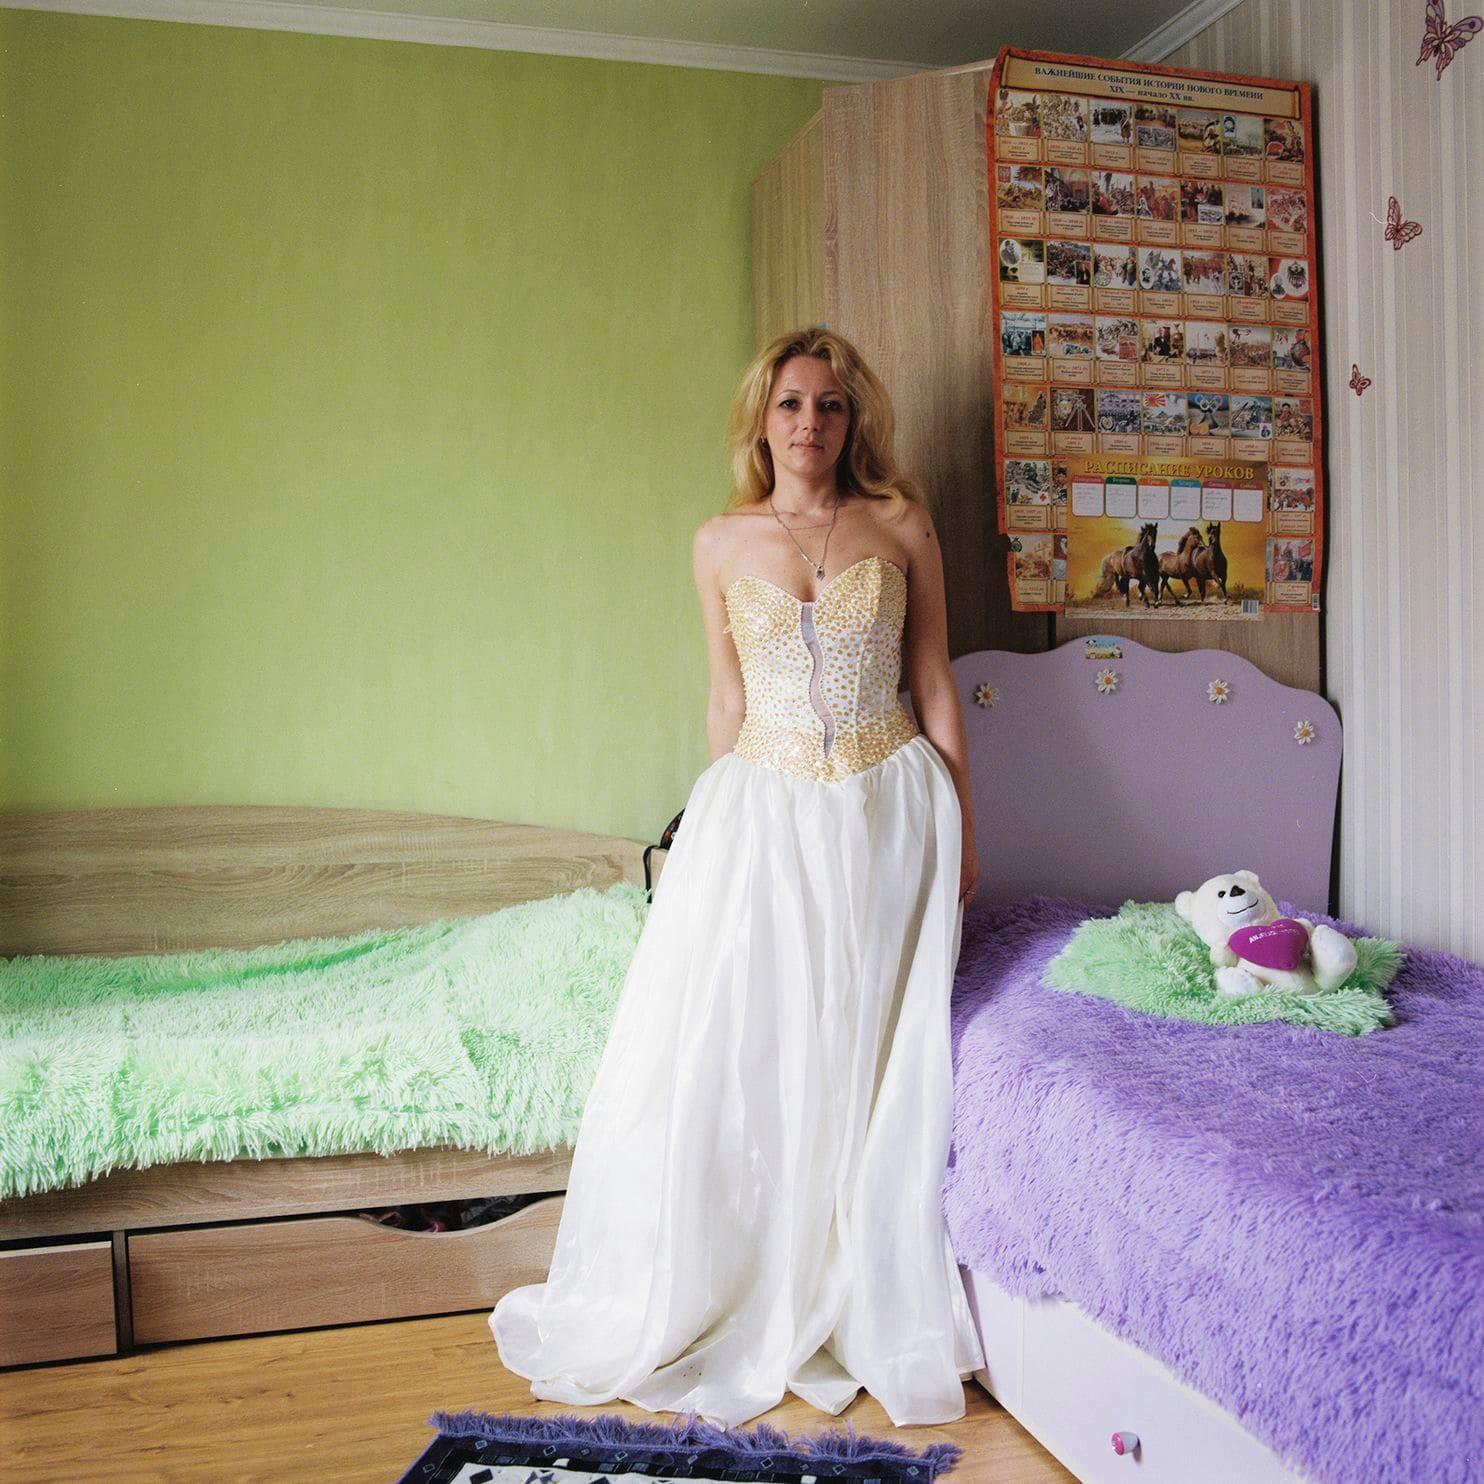 Lý do gì khiến phụ nữ ở Belarus luôn giữ gìn váy cưới cẩn thận suốt hàng chục năm? - Ảnh 9.